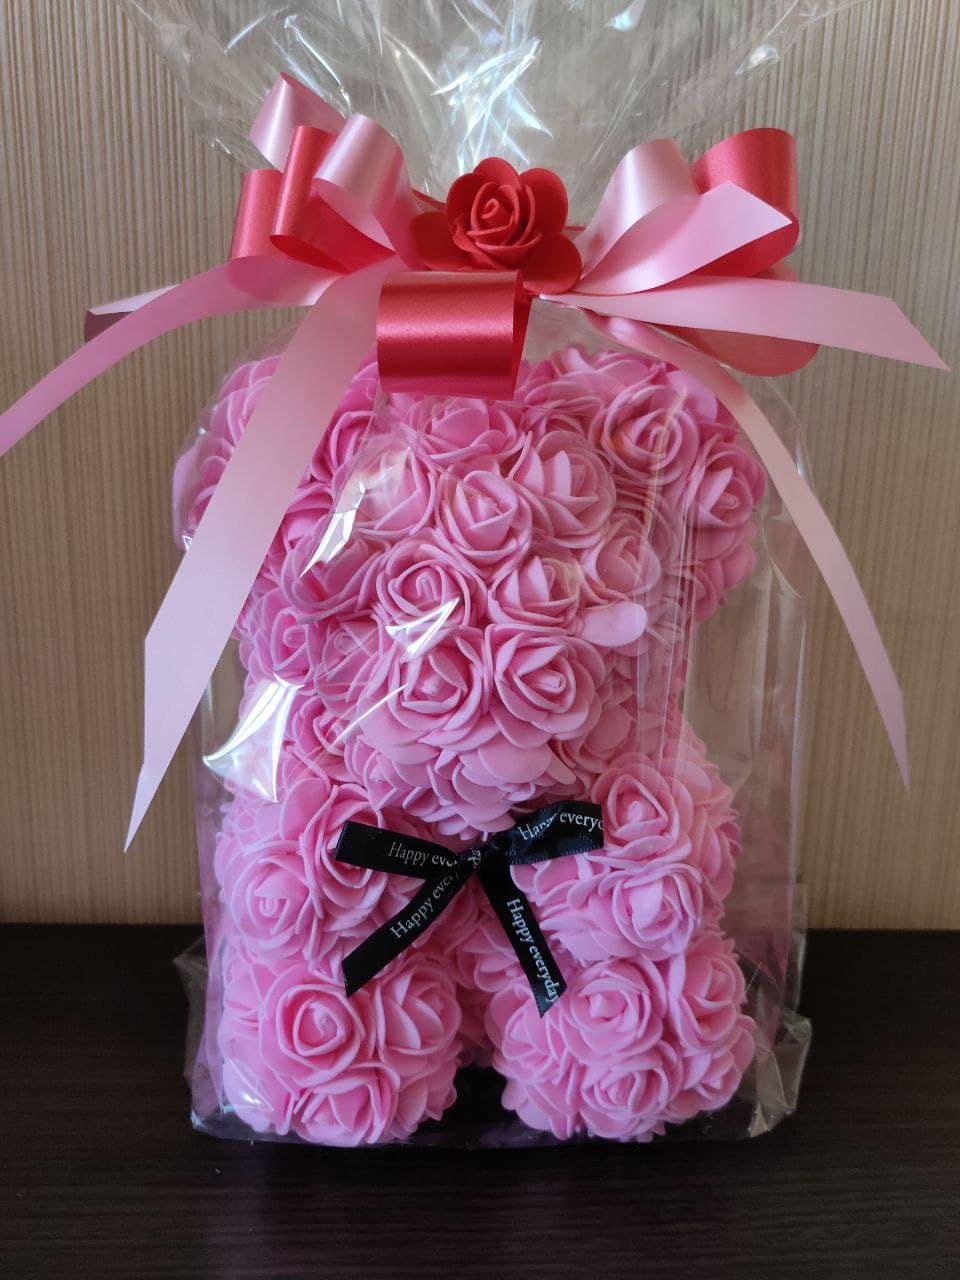 Мишка из 3D роз 25 см в подарочной упаковке мишка Тедди из роз РОЗОВЫЙ